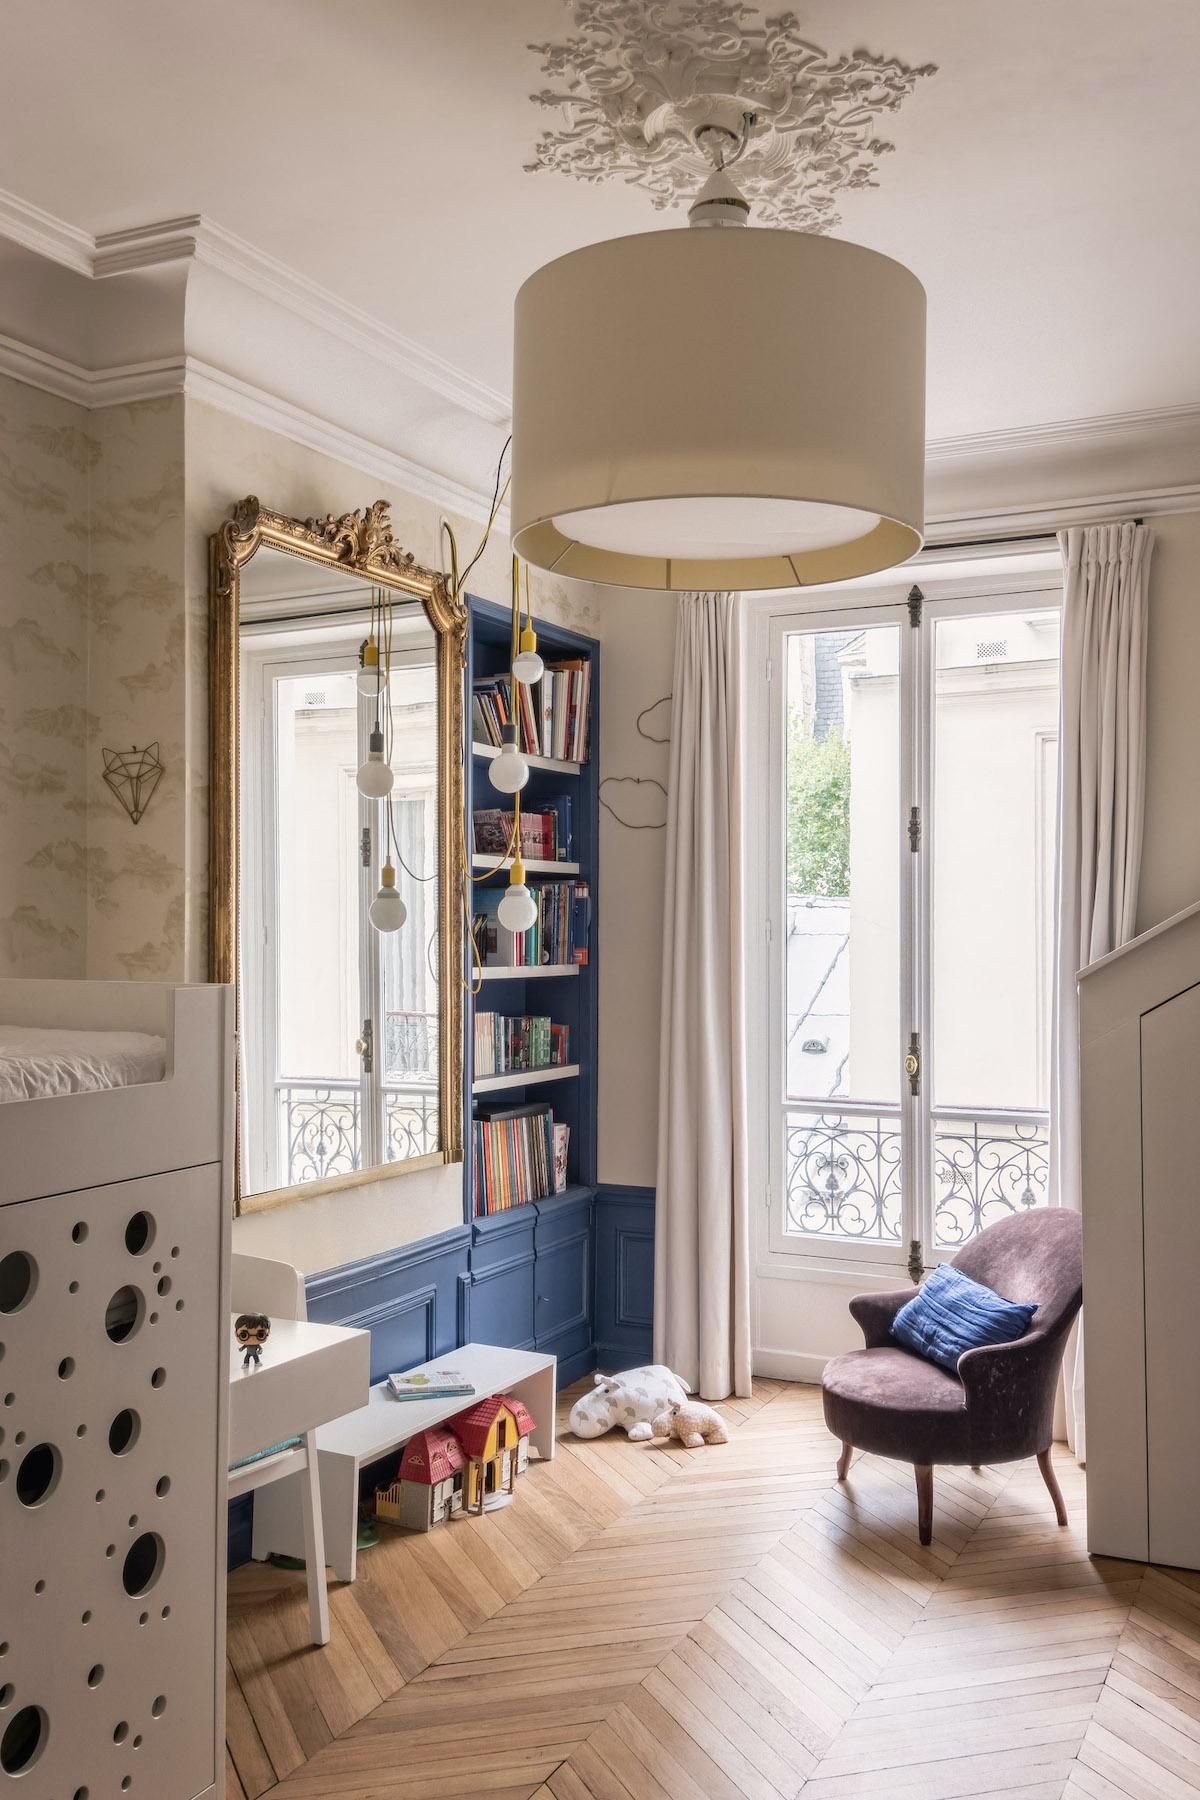 appartement parisian style haussmannien chambre enfant soubassement peint bois bleu roi